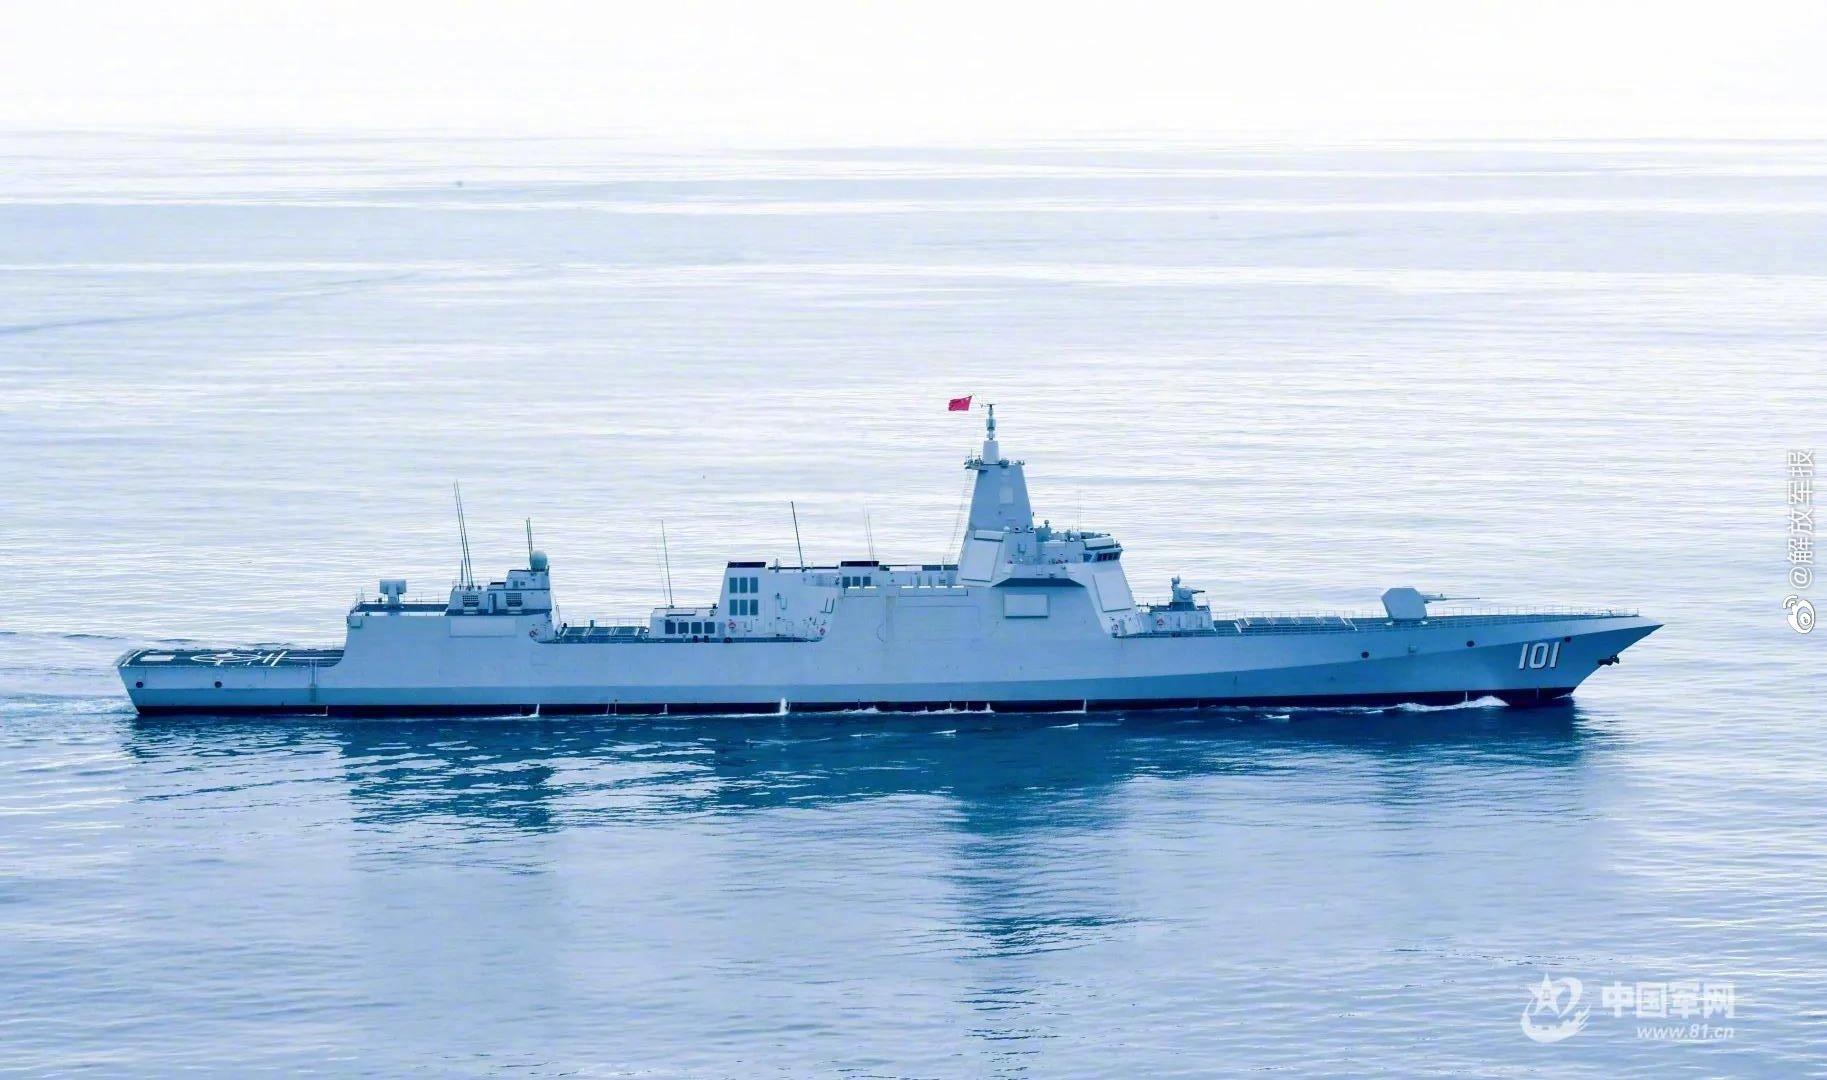 055型驱逐舰101号南昌舰